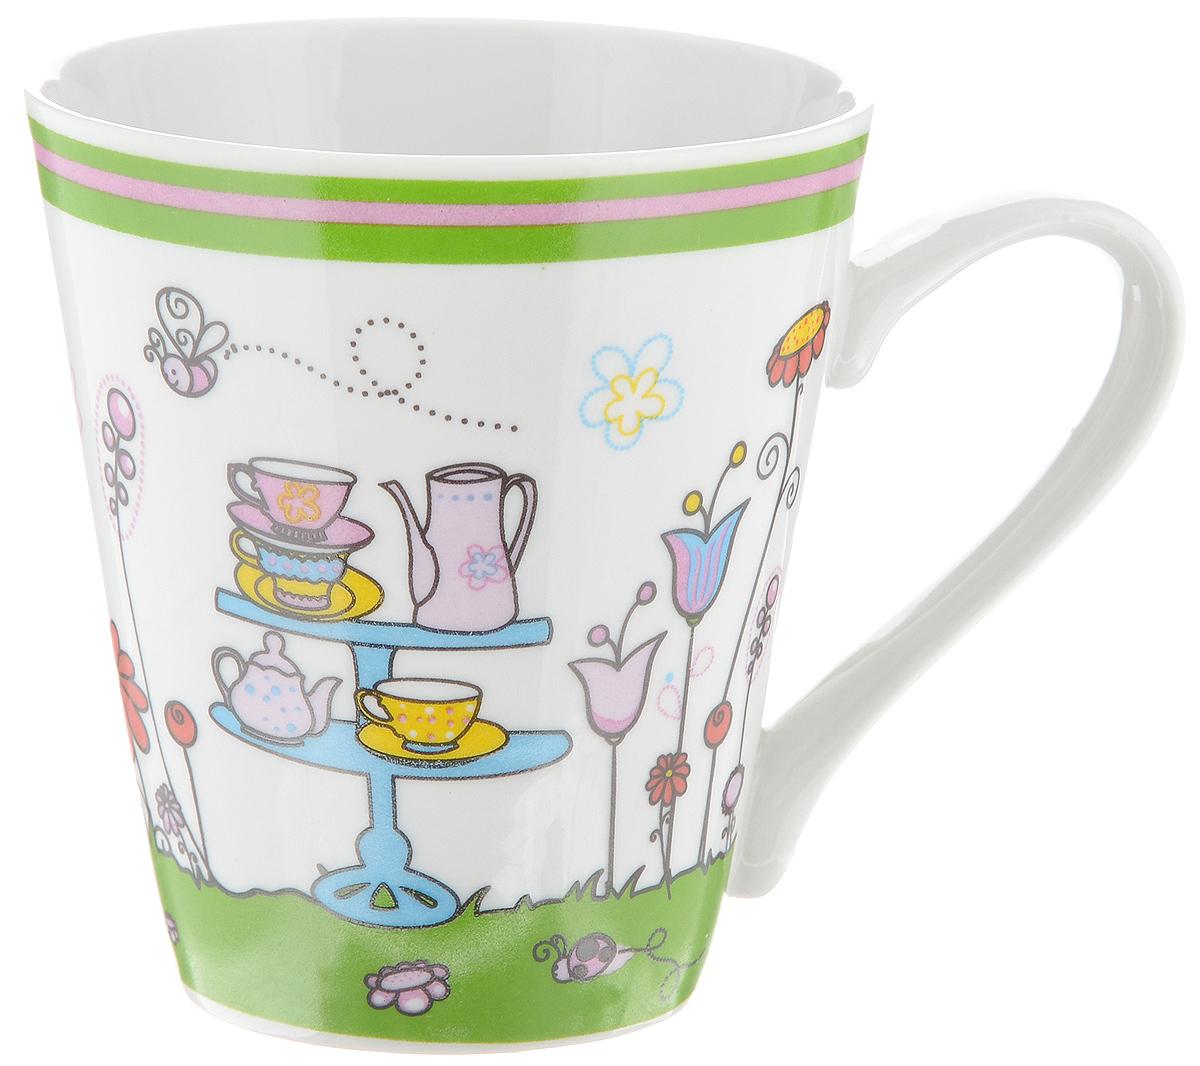 Кружка Фарфор Вербилок Коника. Пикник, цвет: зеленый, розовый, высота 9 см34493860Красивая кружка Фарфор Вербилок Коника. Пикник способна скрасить любое чаепитие. Изделие выполнено из высококачественного фарфора. Посуда из такого материала позволяет сохранить истинный вкус напитка, а также помогает ему дольше оставаться теплым.Диаметр по верхнему краю кружки: 8 см.Диаметр основания: 5 см.Высота кружки: 9 см.